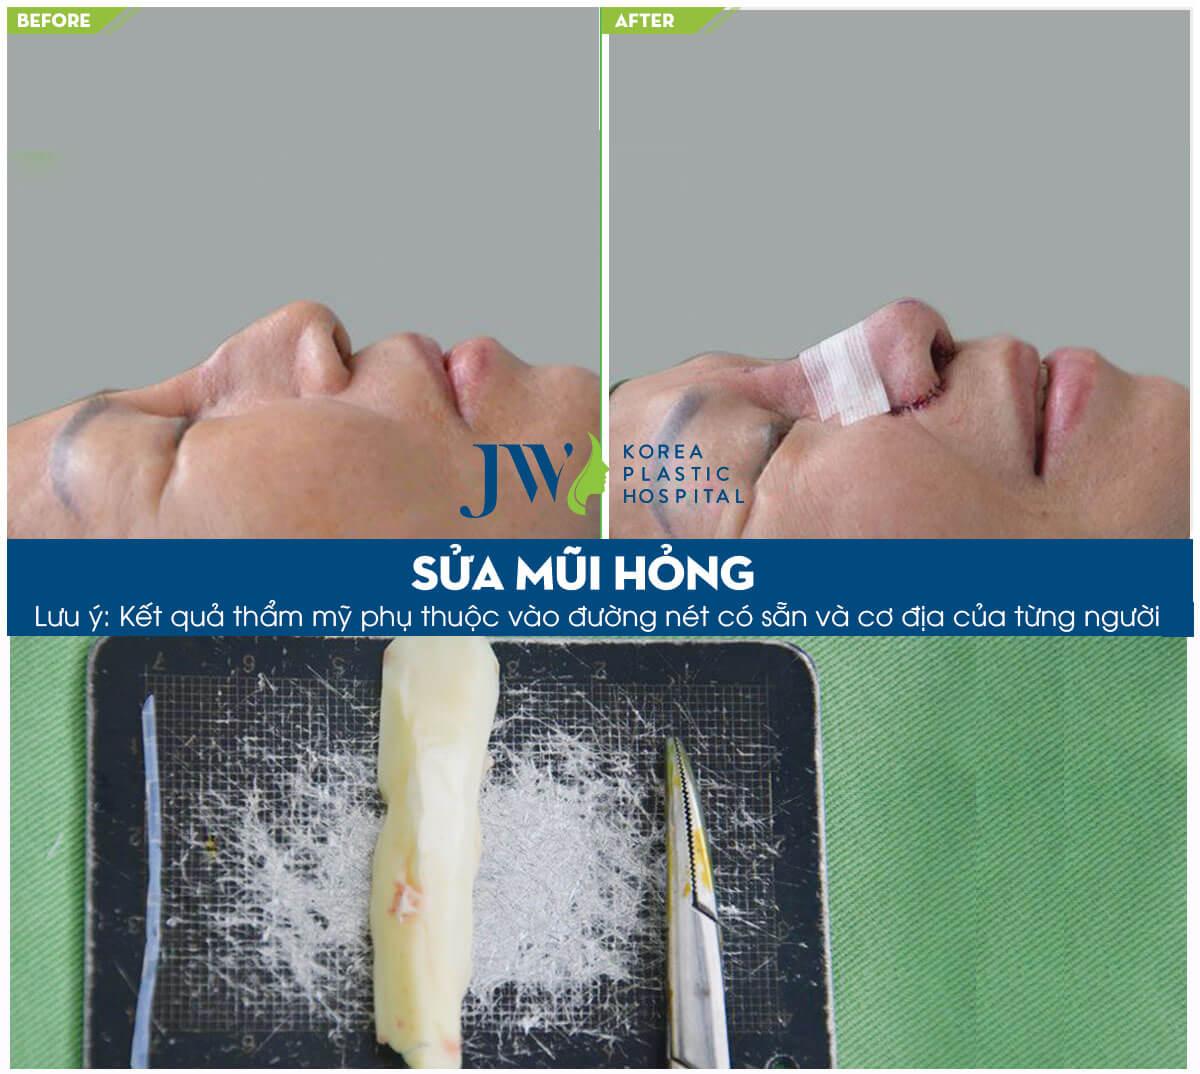 Sửa mũi đã phẫu thuật - Trải nghiệm người trong cuộc - Ảnh 3